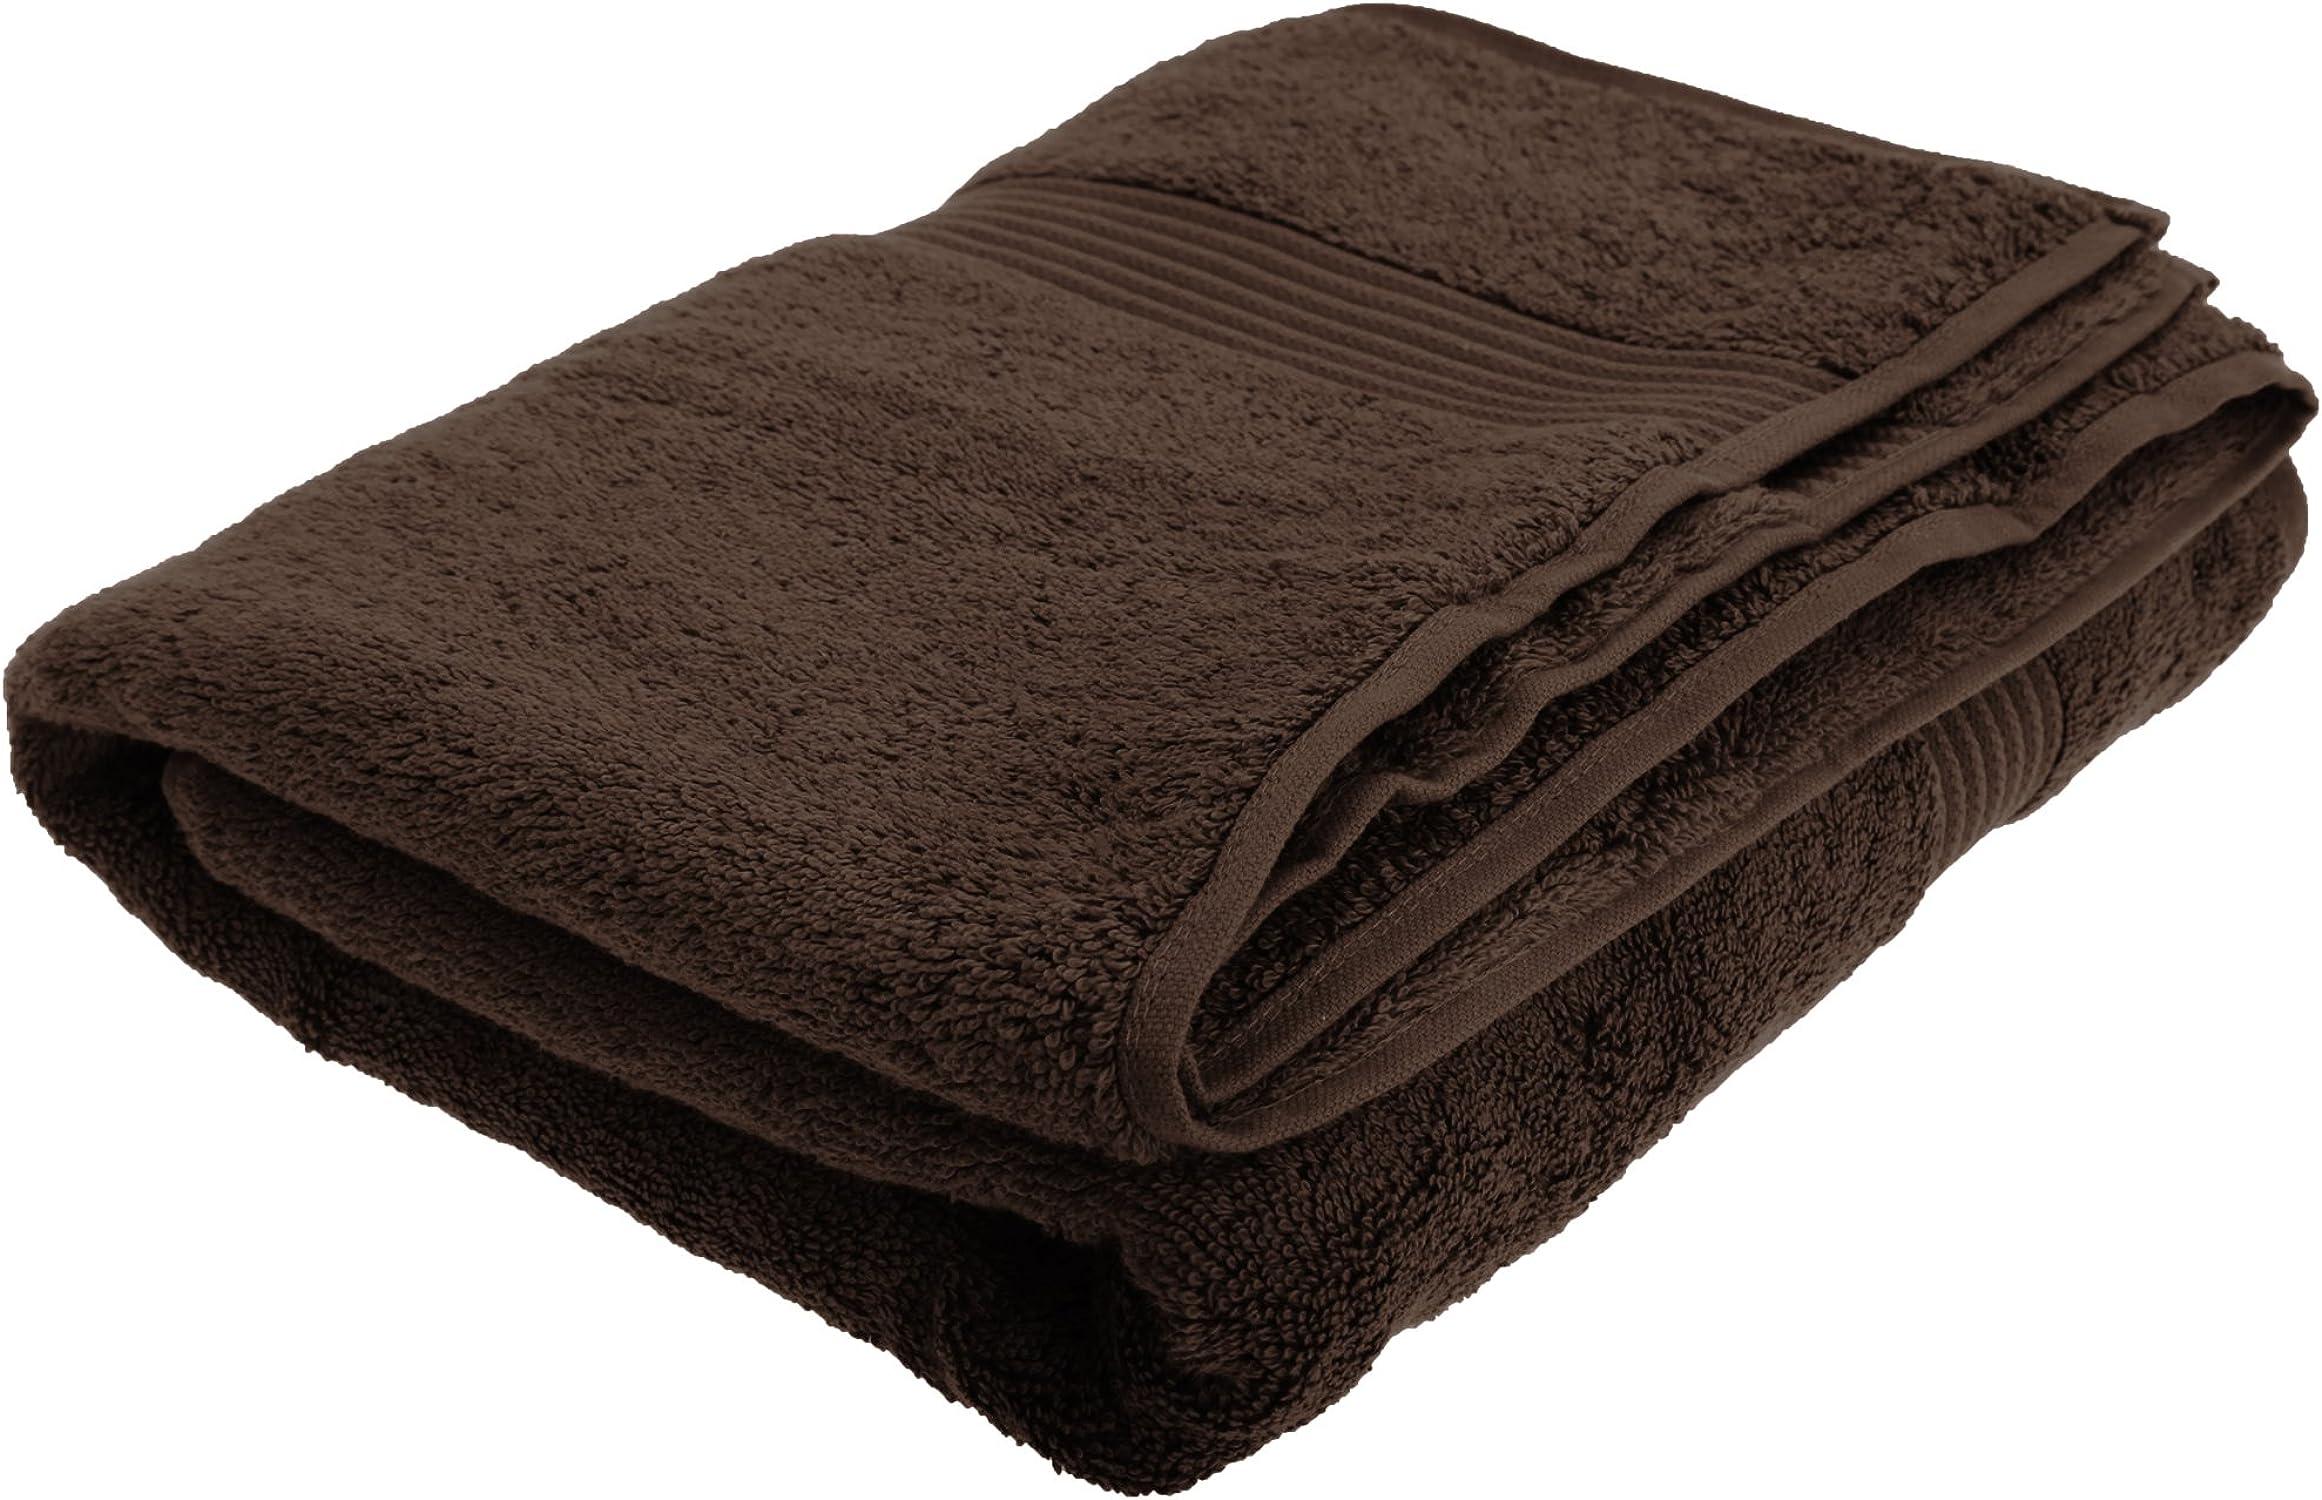 despacho de tienda Christy Towels - Toalla de bao XL XL XL Modelo Supreme Hygro (75cm x 137cm) (90cm x 165cm Coco)  servicio de primera clase